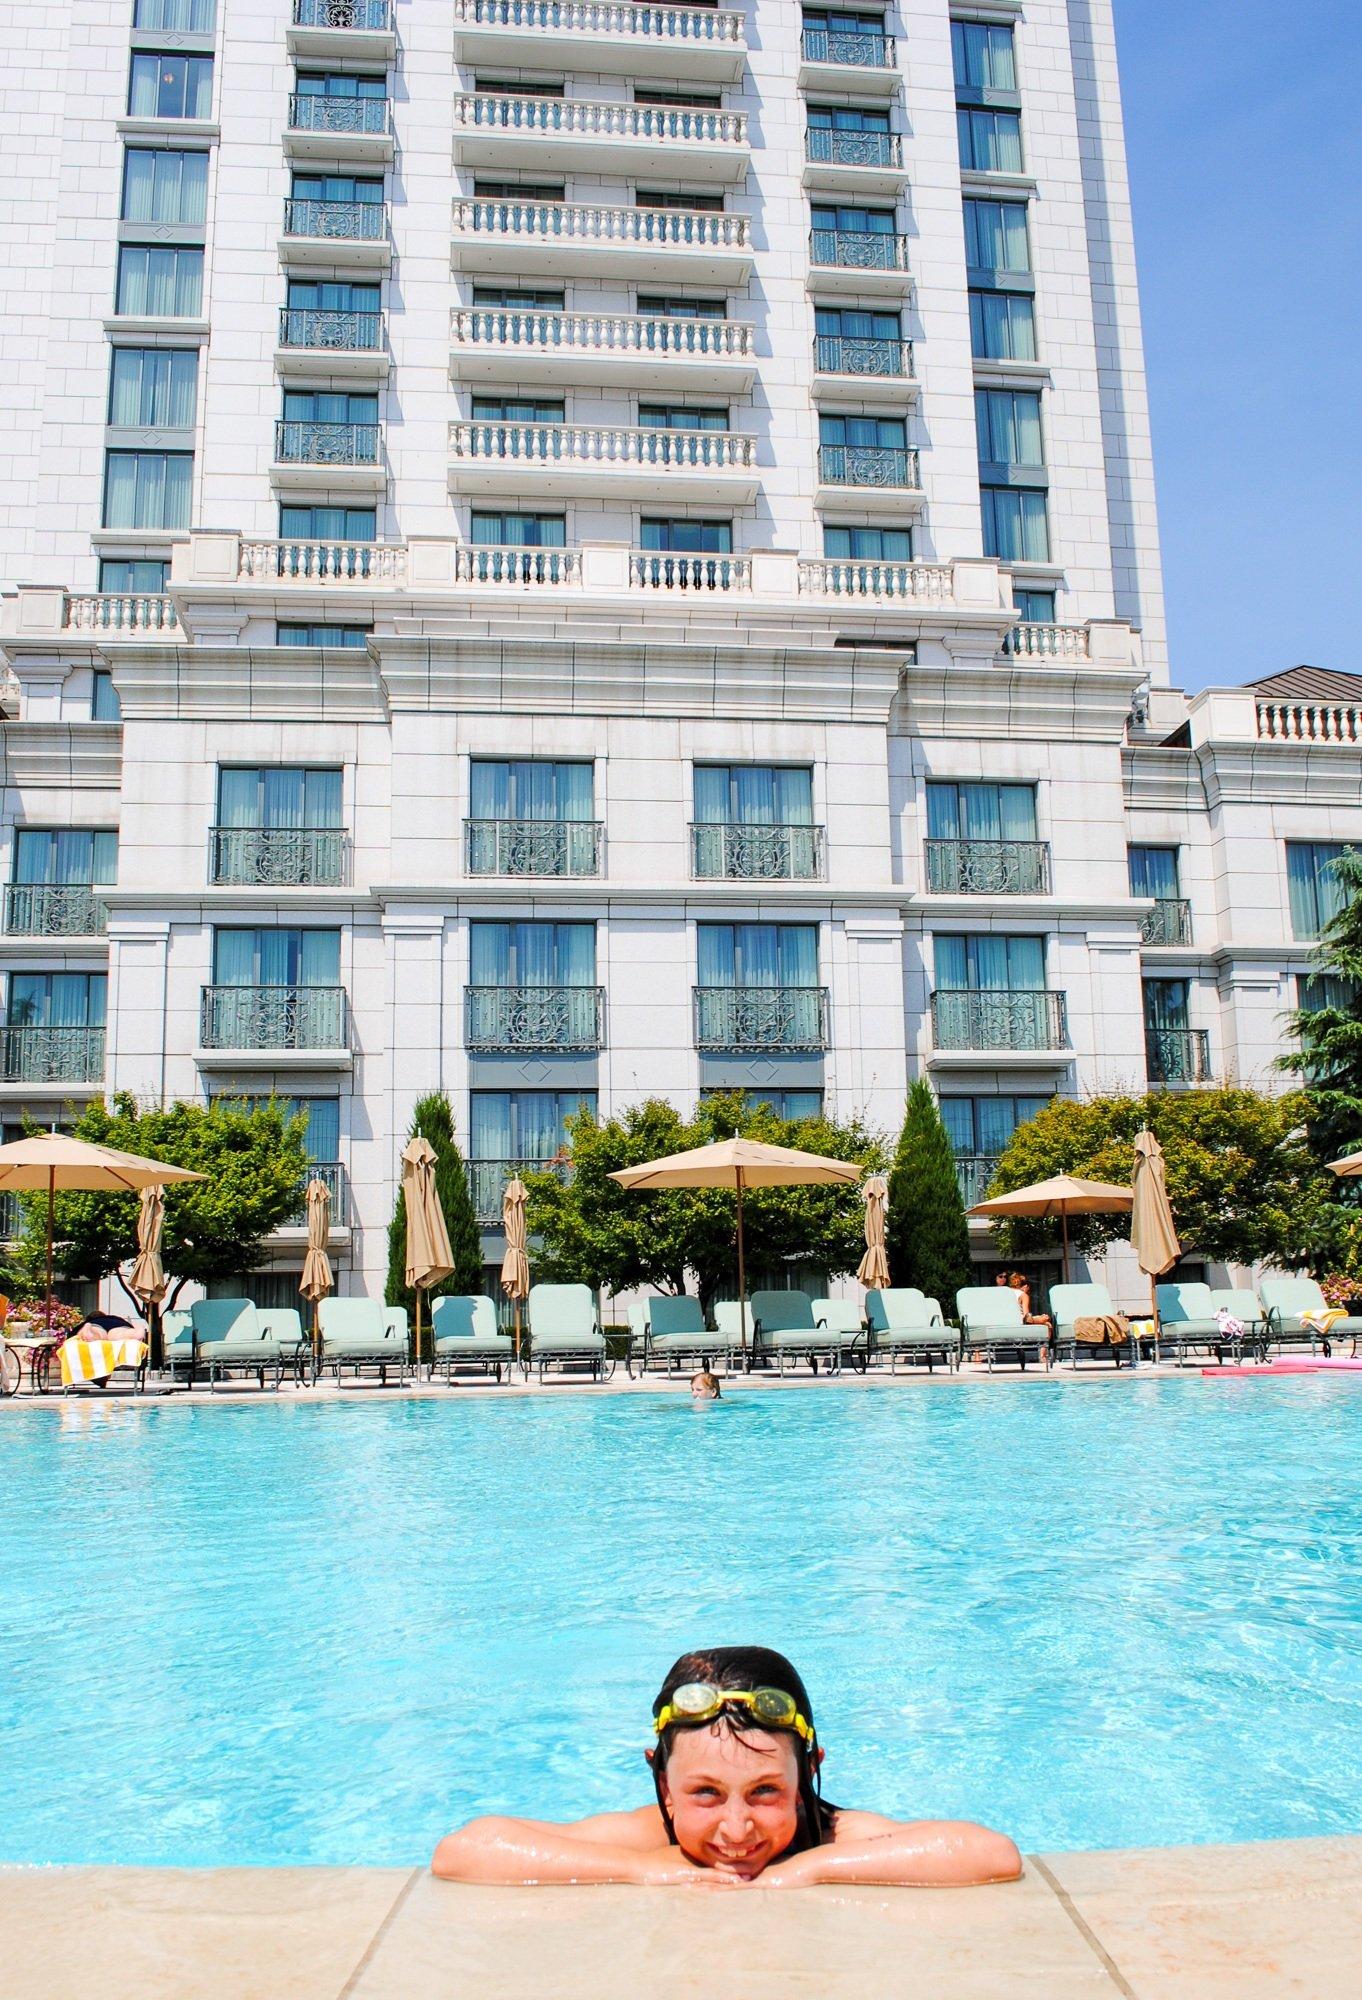 Outdoor pool at Grand America Hotel in Salt Lake City, Utah